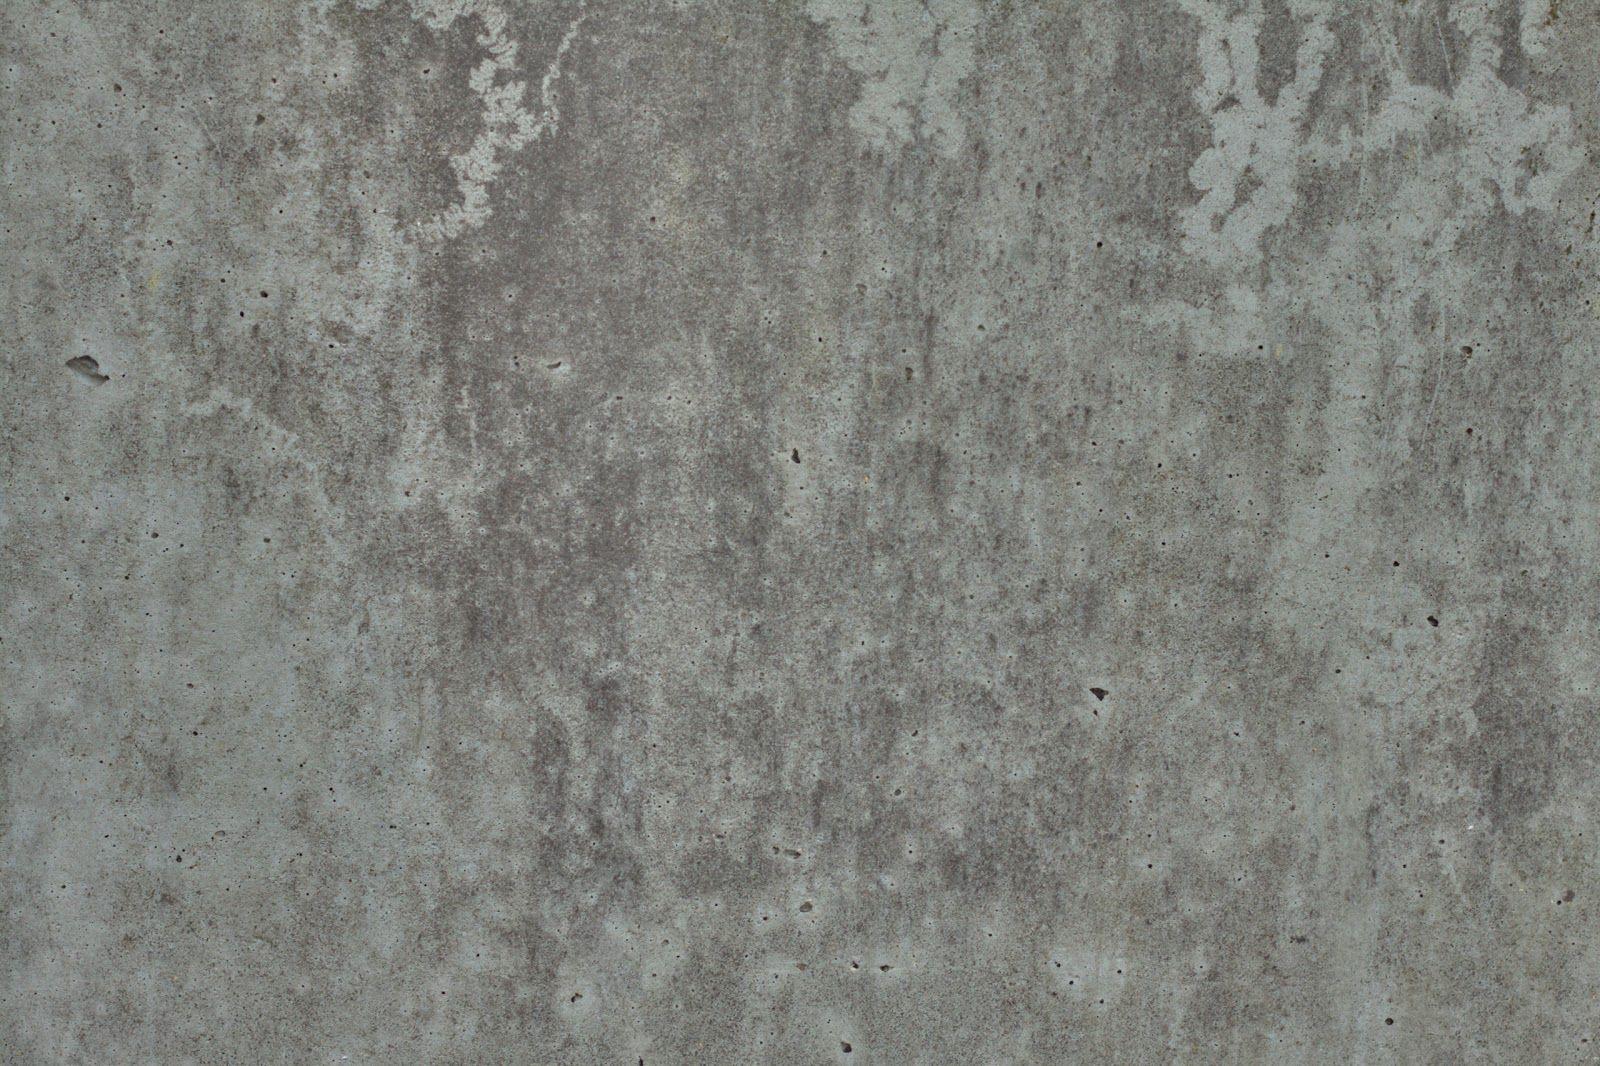 Concrete Wall Smooth Pillar Texture